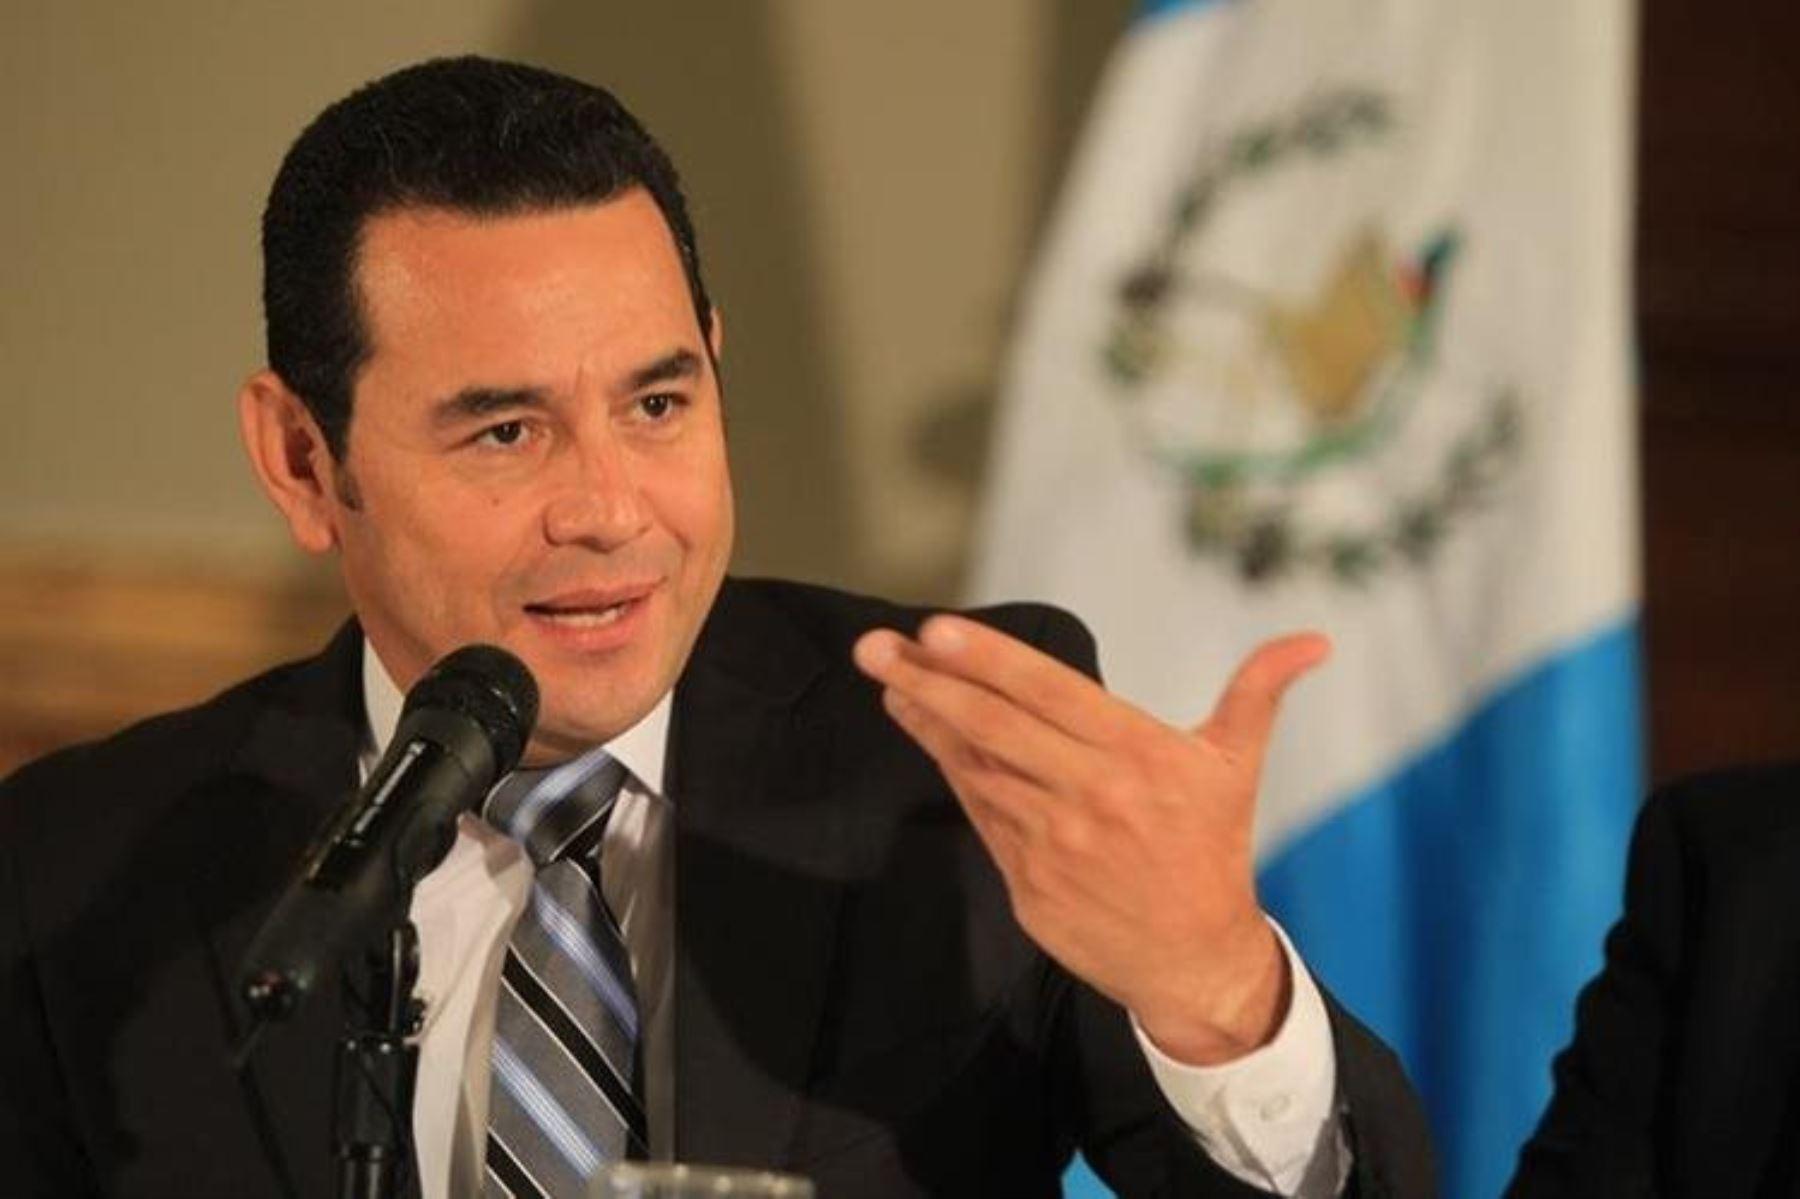 Resultado de imagen para presidente de guatemala 2007 Jimmy Morales